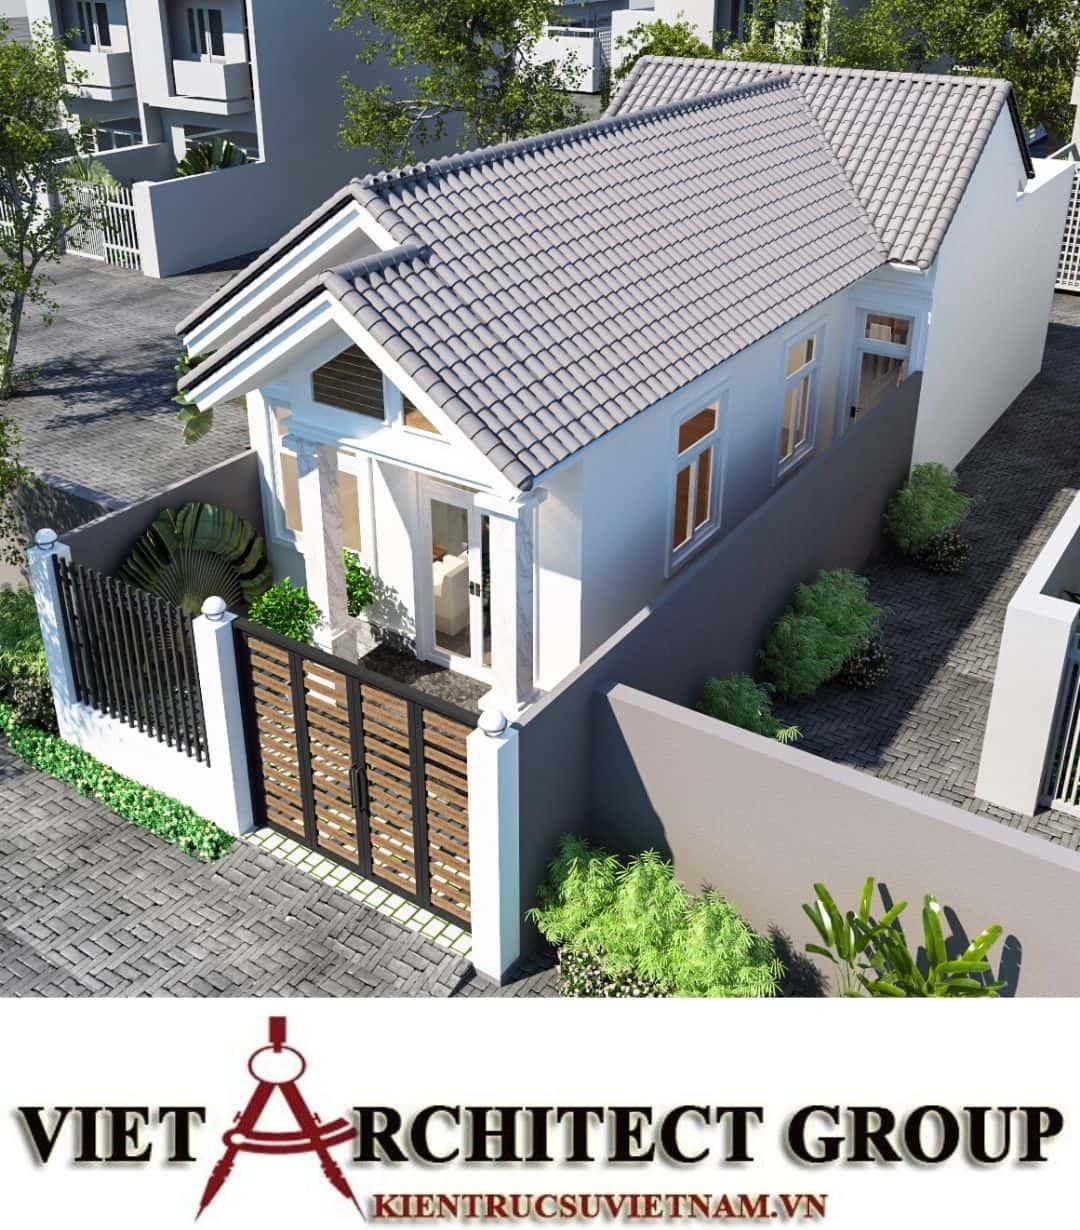 9 9 - Công trình nhà ở trệt mái thái diện tích 120m2 Mr Thi - Thủ Đức, TPHCM